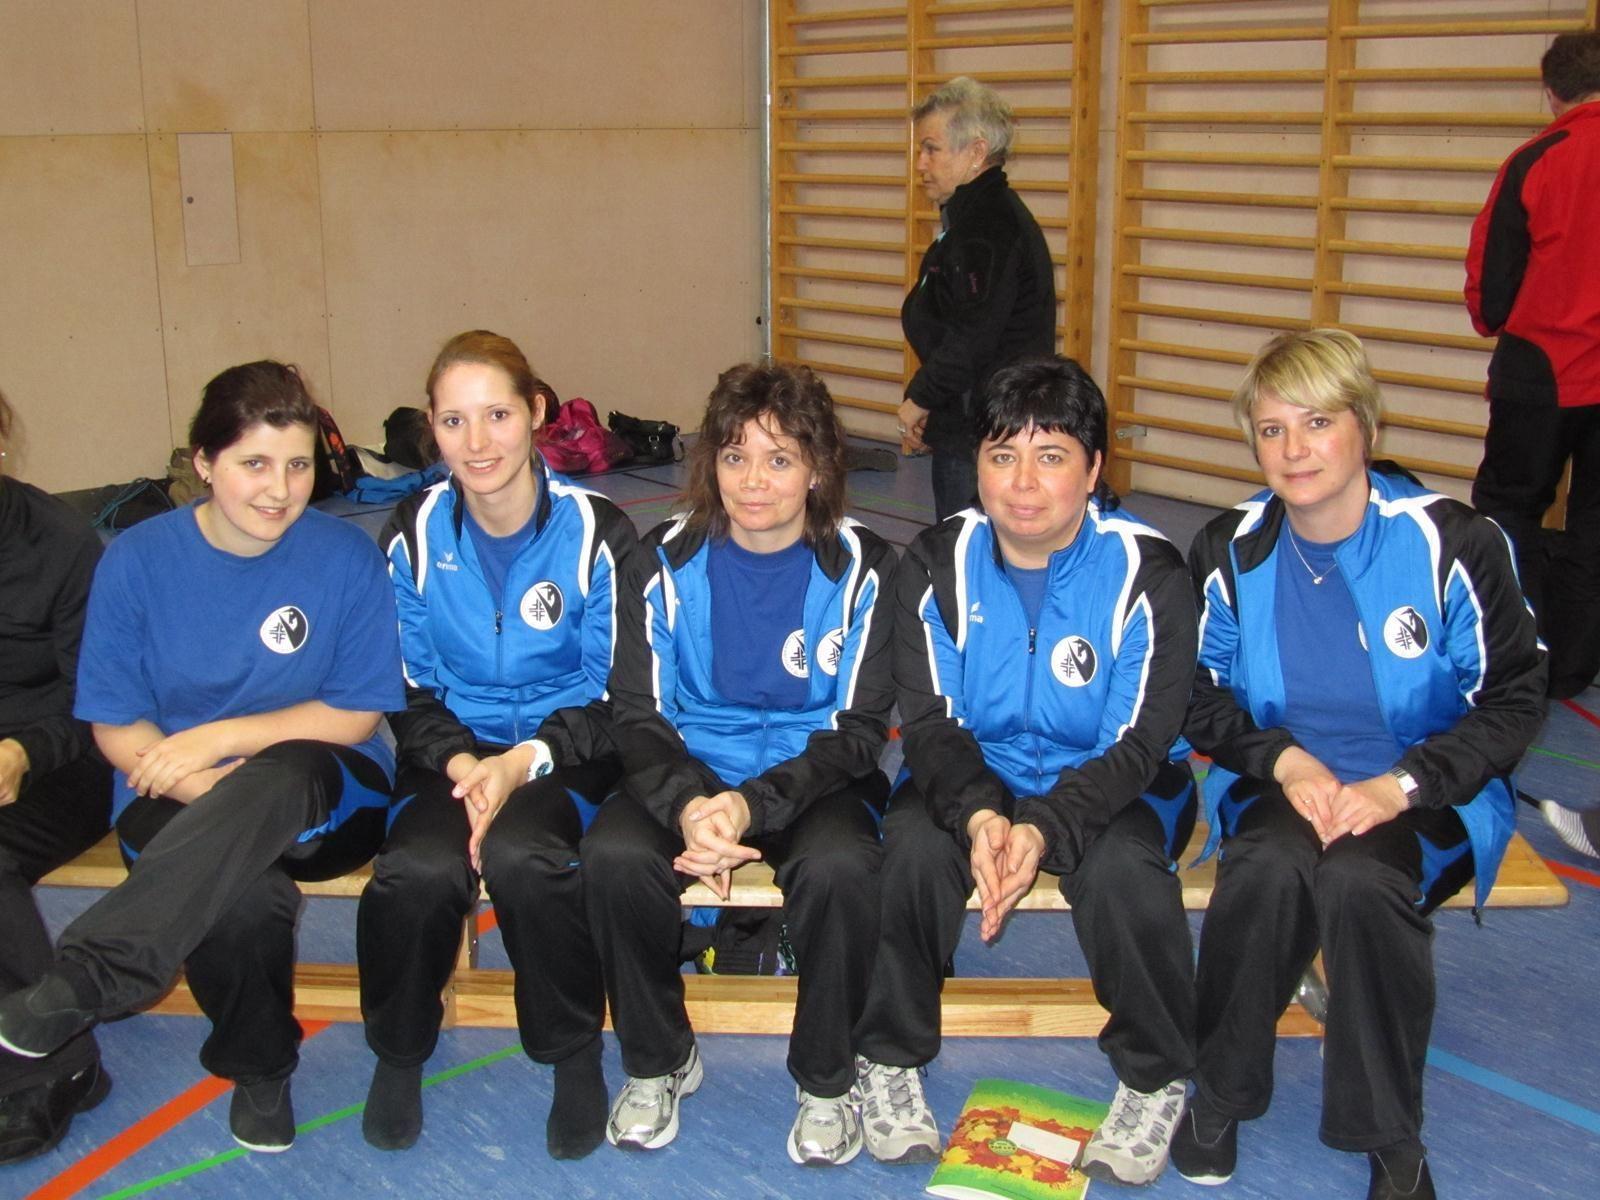 Die Riegenleiter der Turnerschaft Bludenz nahmen an der landesweiten Fortbildung teil.